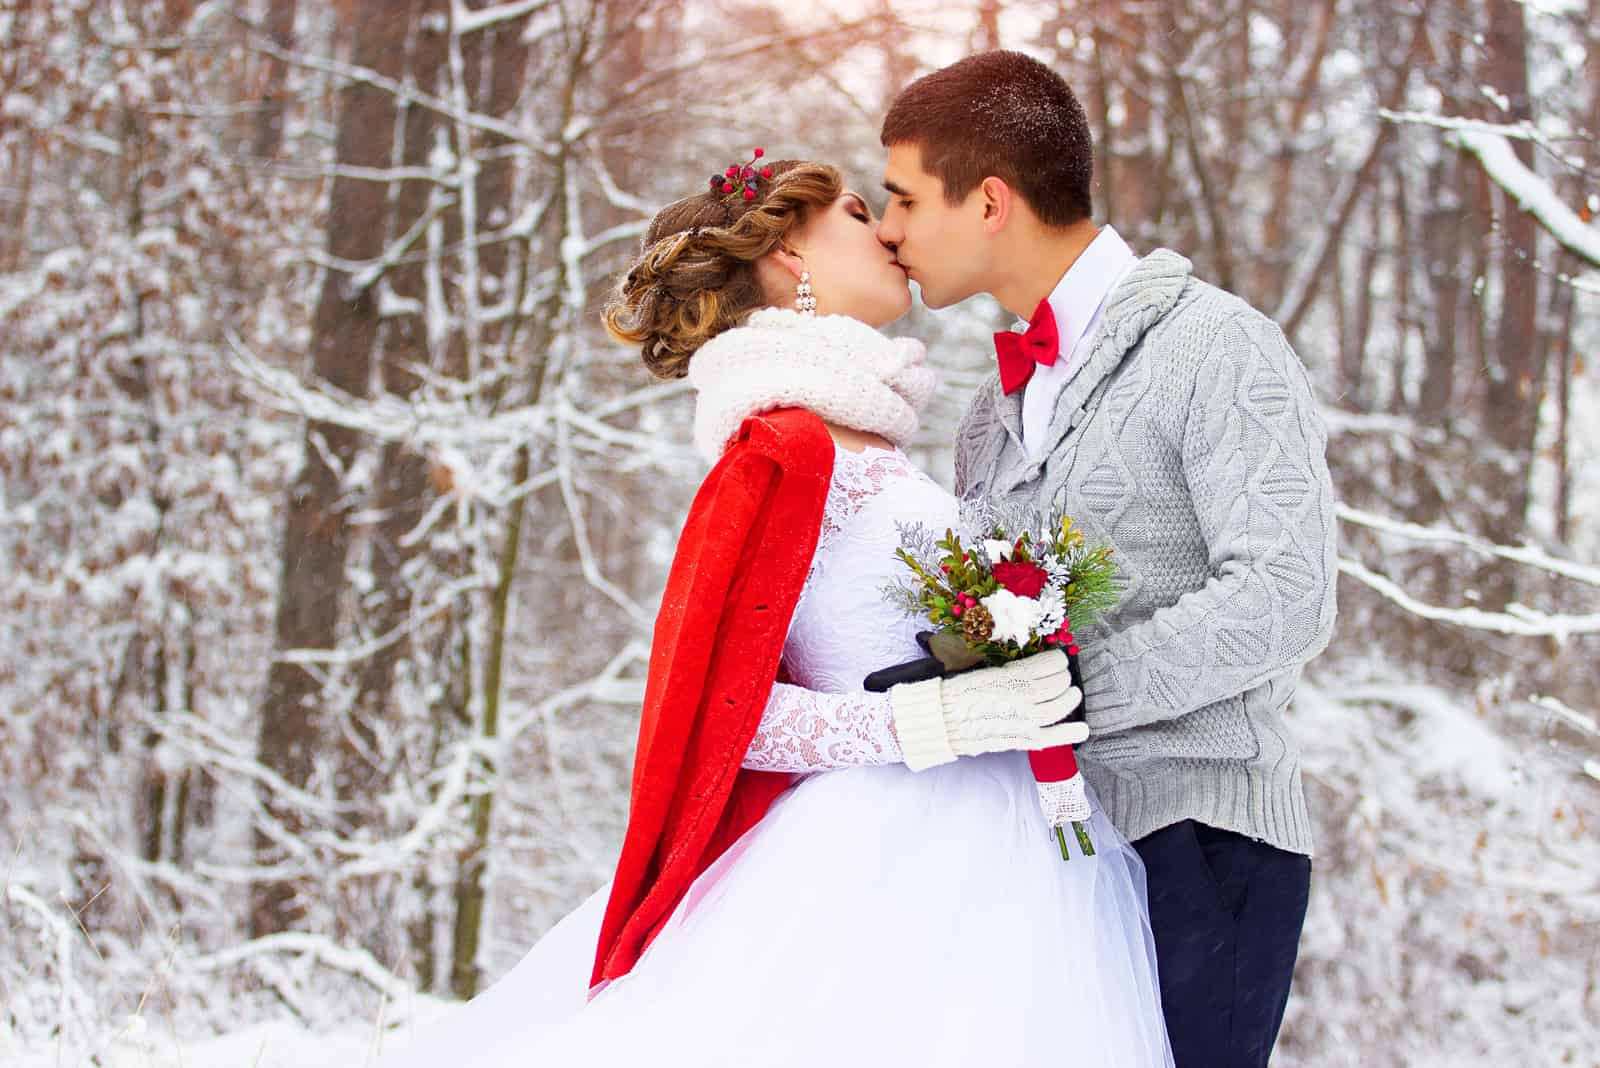 Winterhochzeit, Jungvermählten küssen sich im Wald